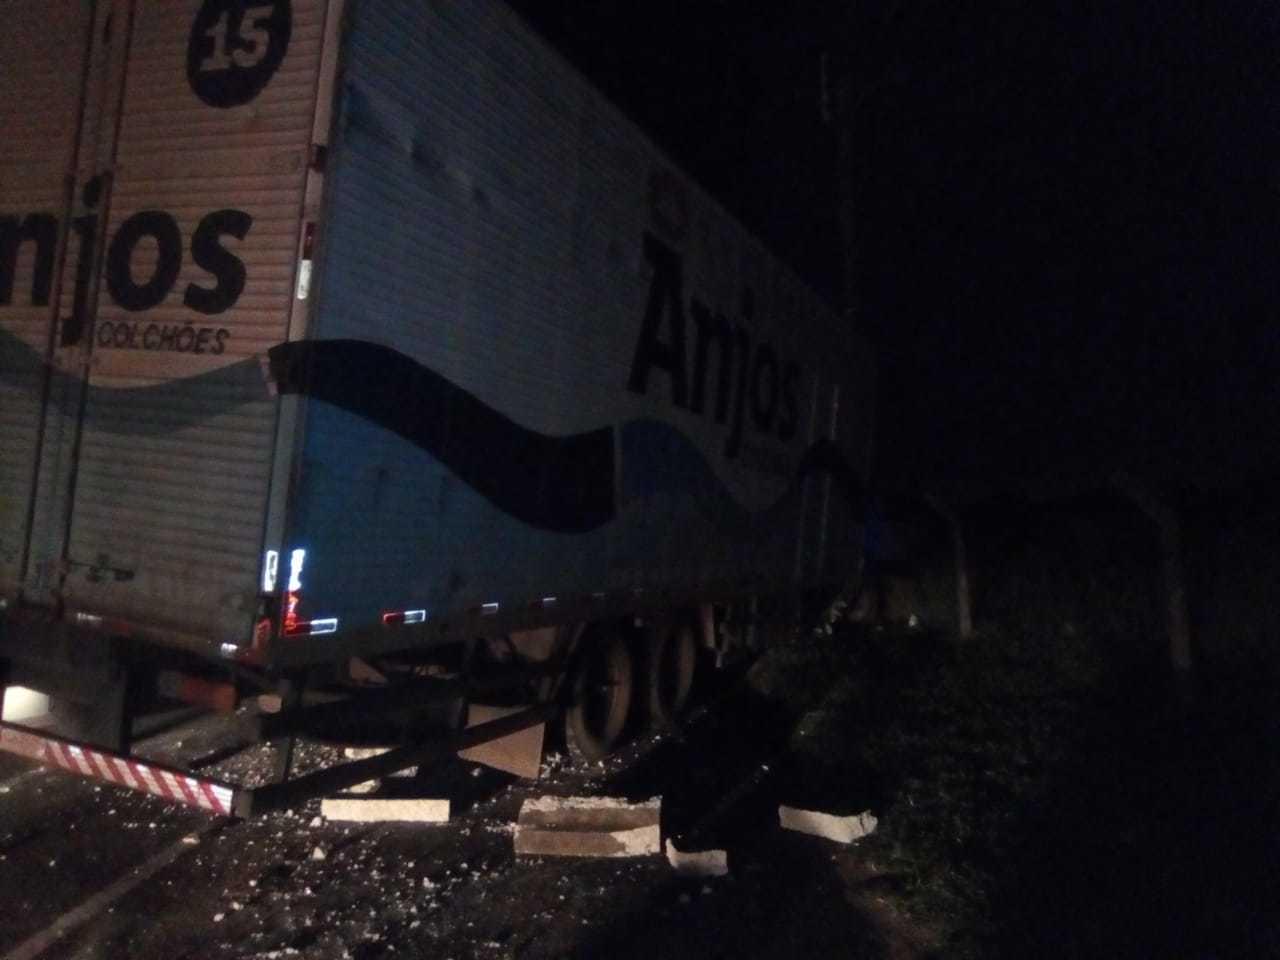 Caminhão batido no poste. (Foto: Direto das Ruas)